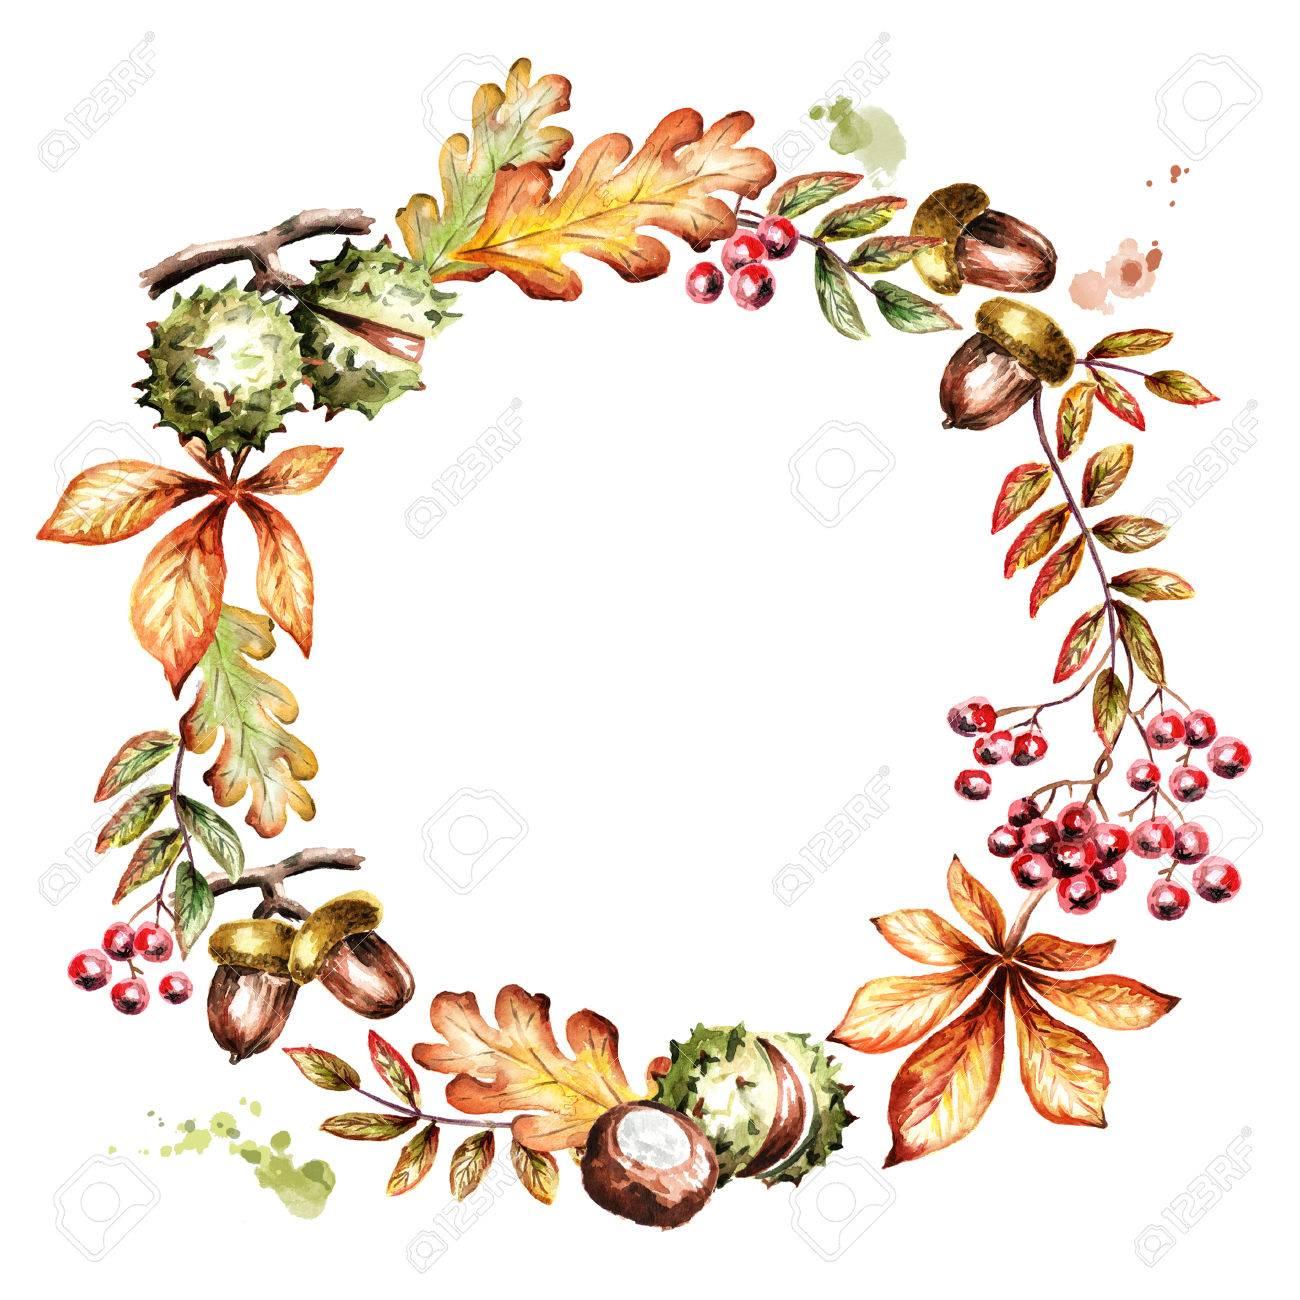 葉の秋のリースです水彩の手描きイラスト の写真素材画像素材 Image